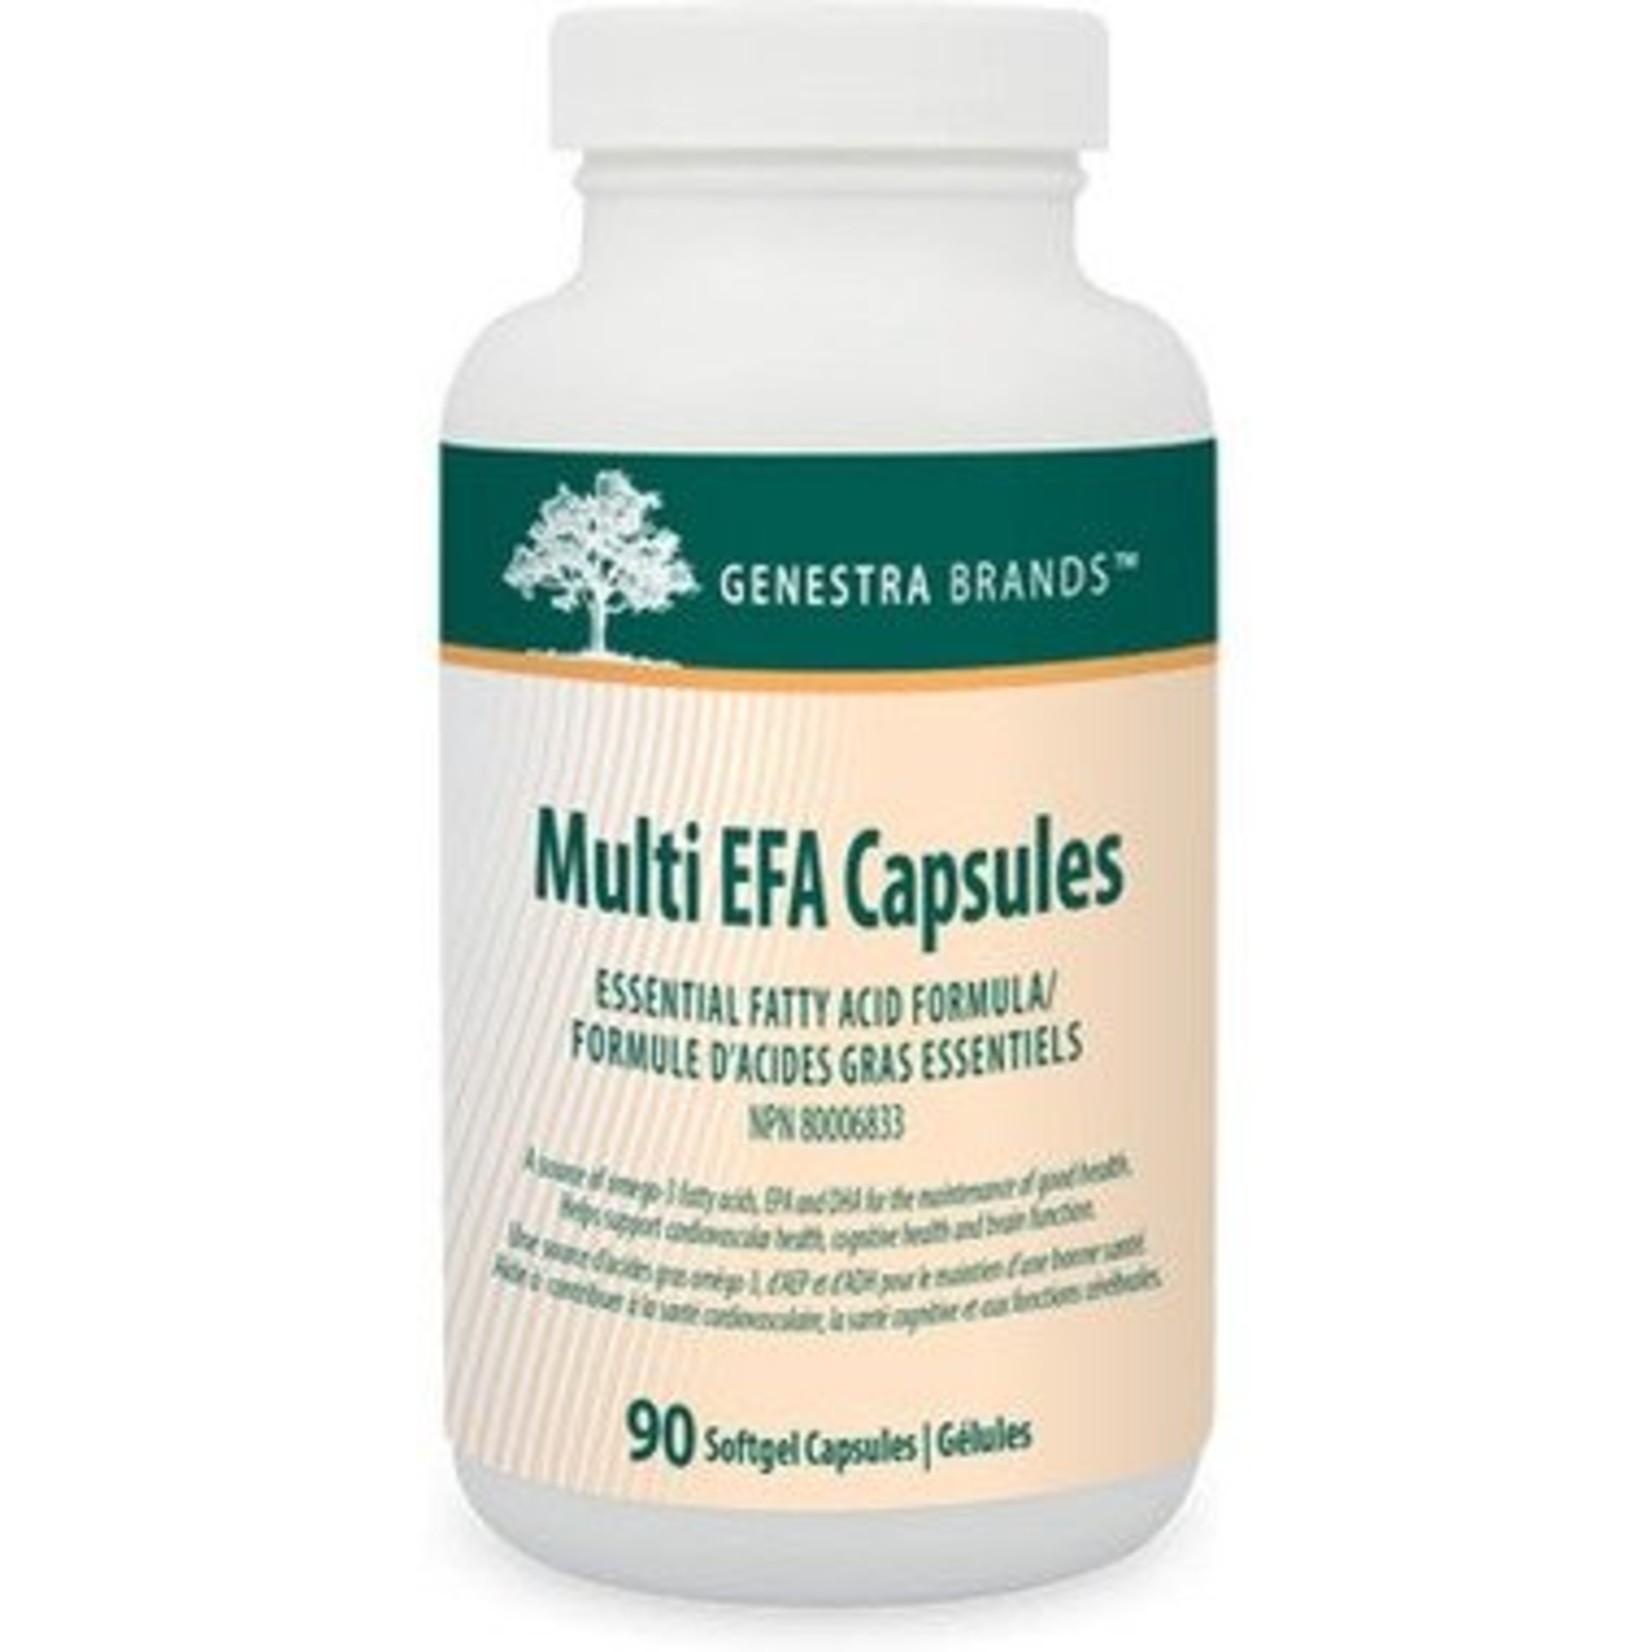 Genestra Multi EFA Capsules 90caps